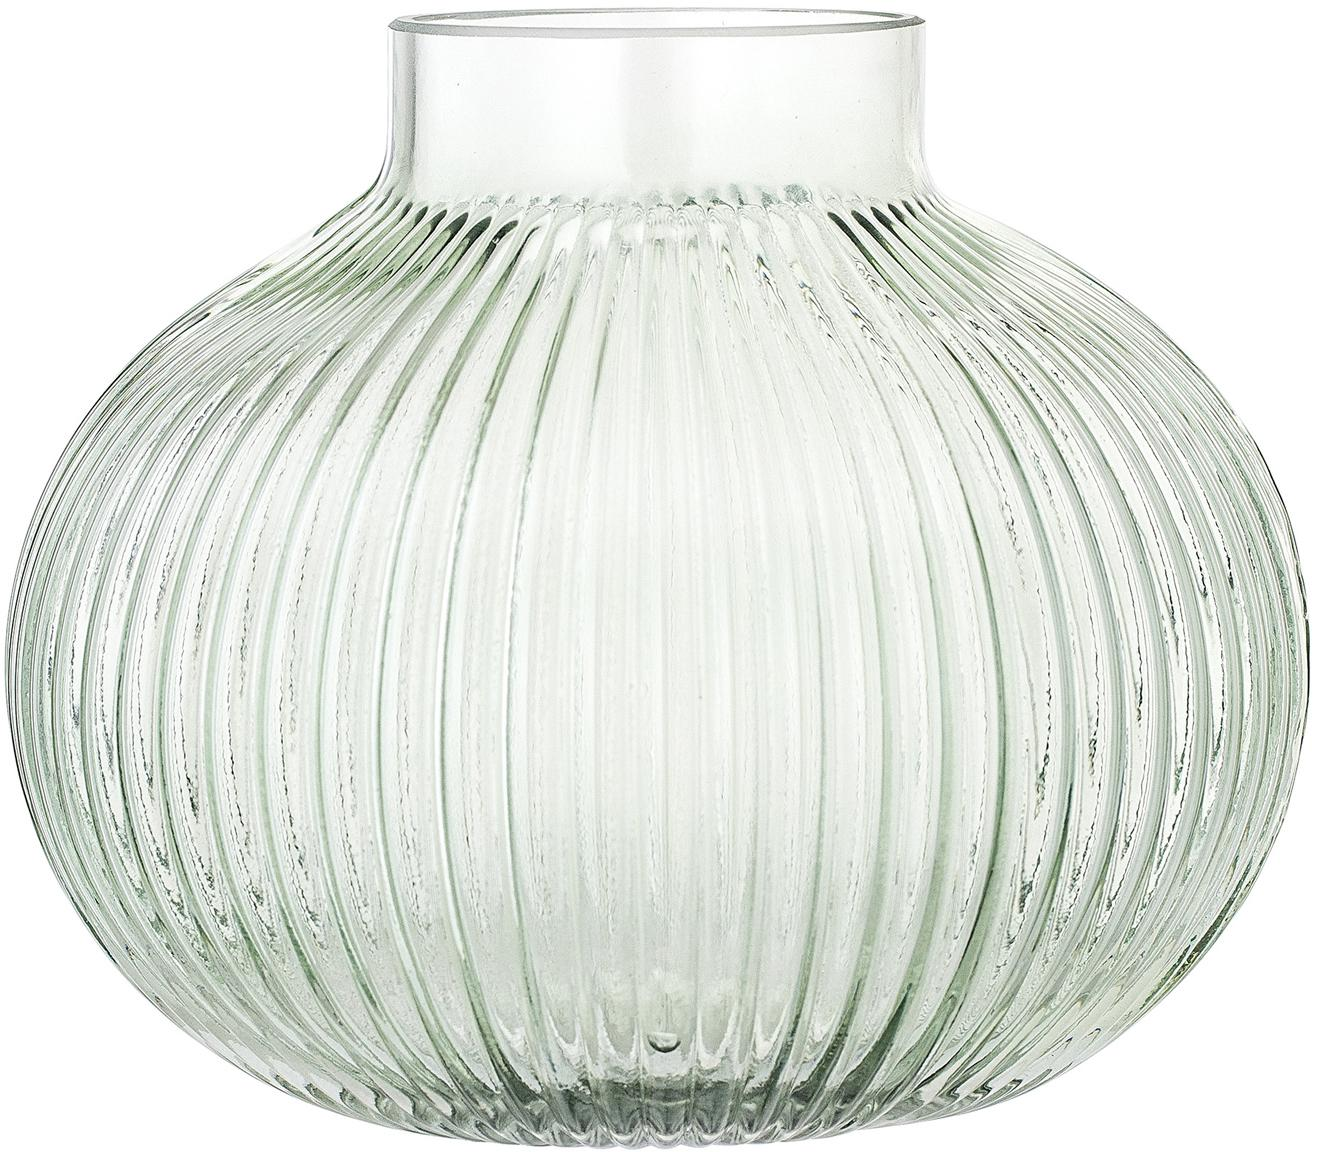 Kleine vaas Gola, Glas, Lichtgroen, transparant, Ø 16 x H 15 cm